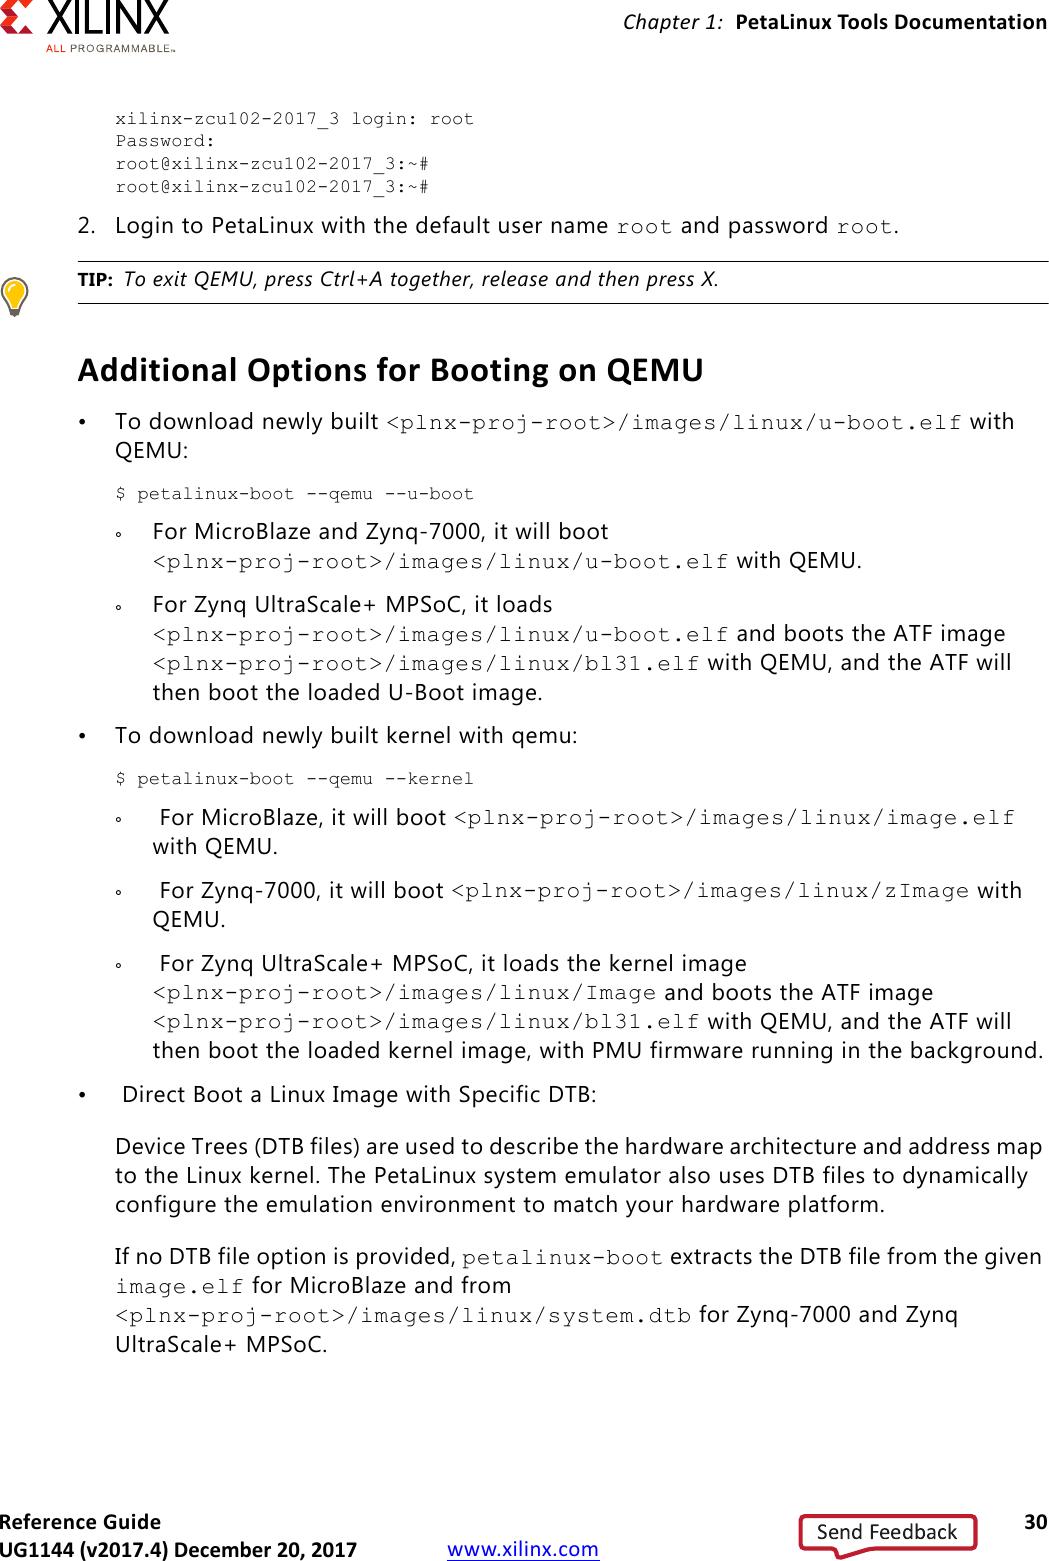 PetaLinux Tools Ation: Reference Guide (UG1144) Ug1144